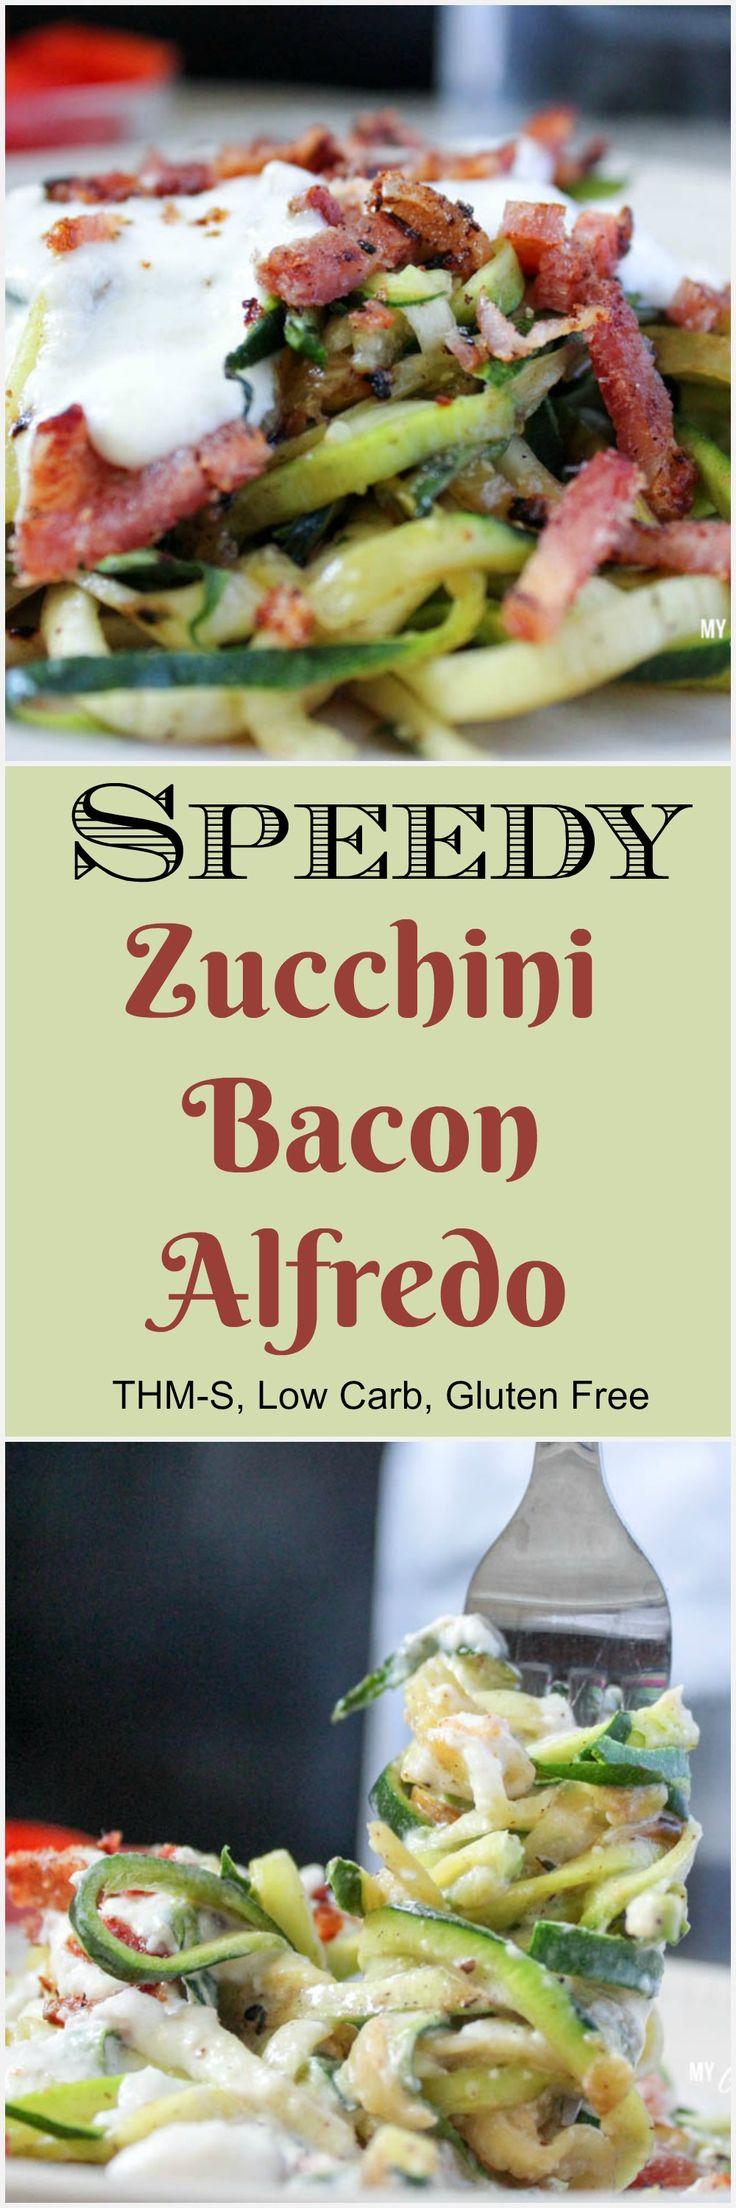 Speedy Zucchini Bacon Alfredo (THM-S, Low Carb)